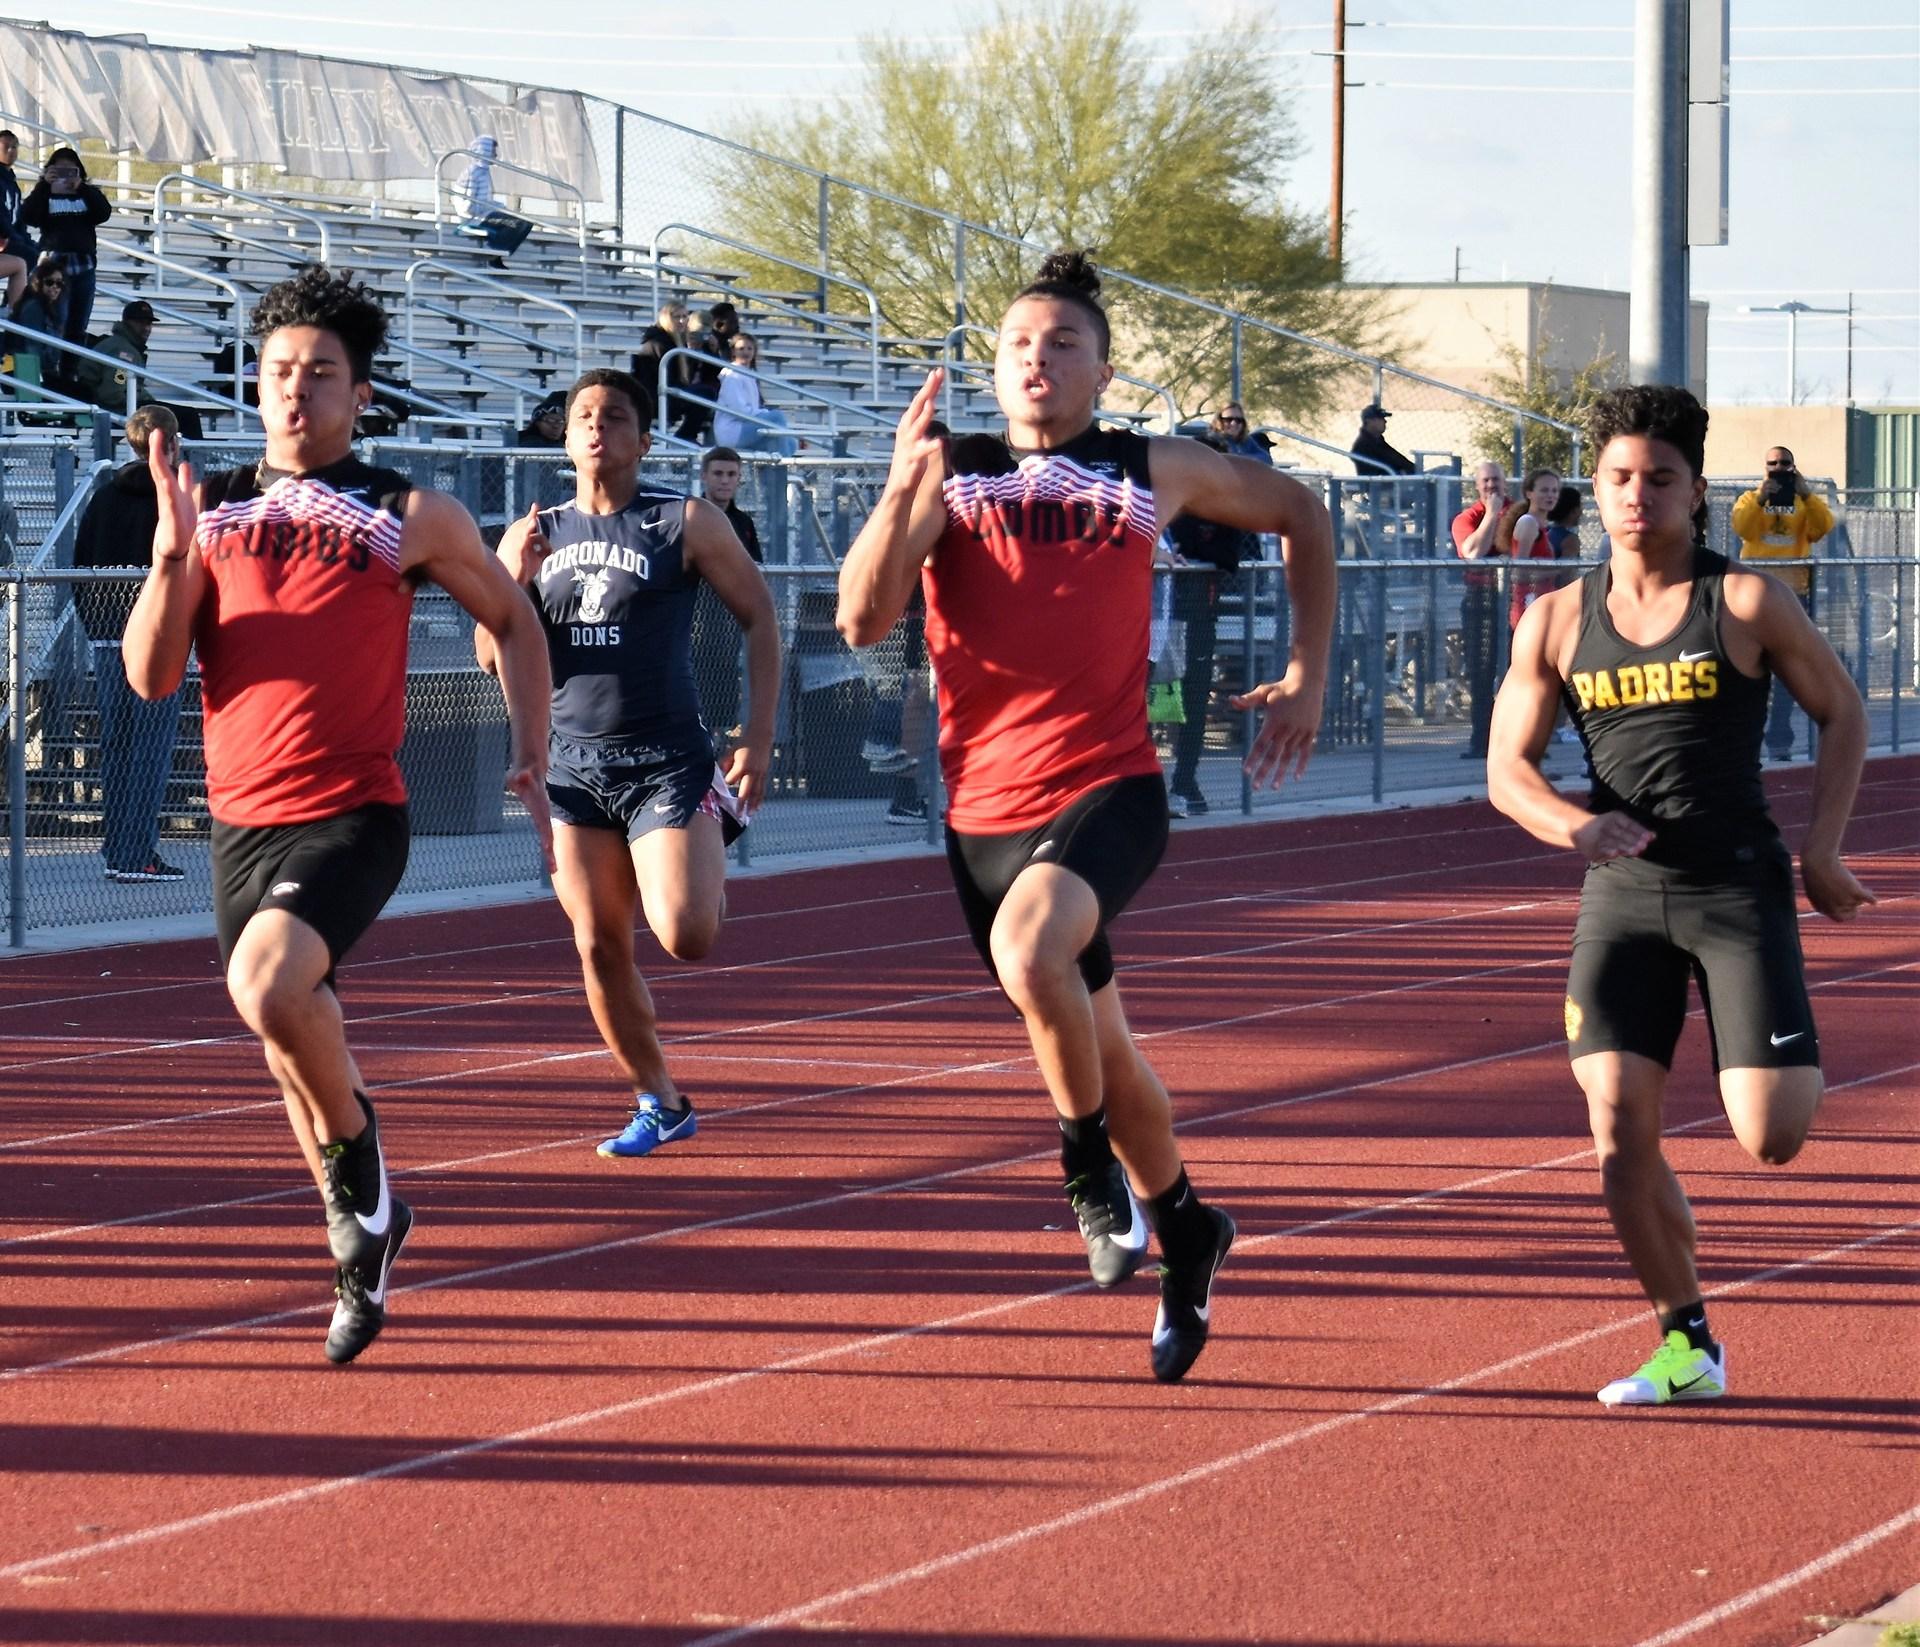 Boys in sprint race